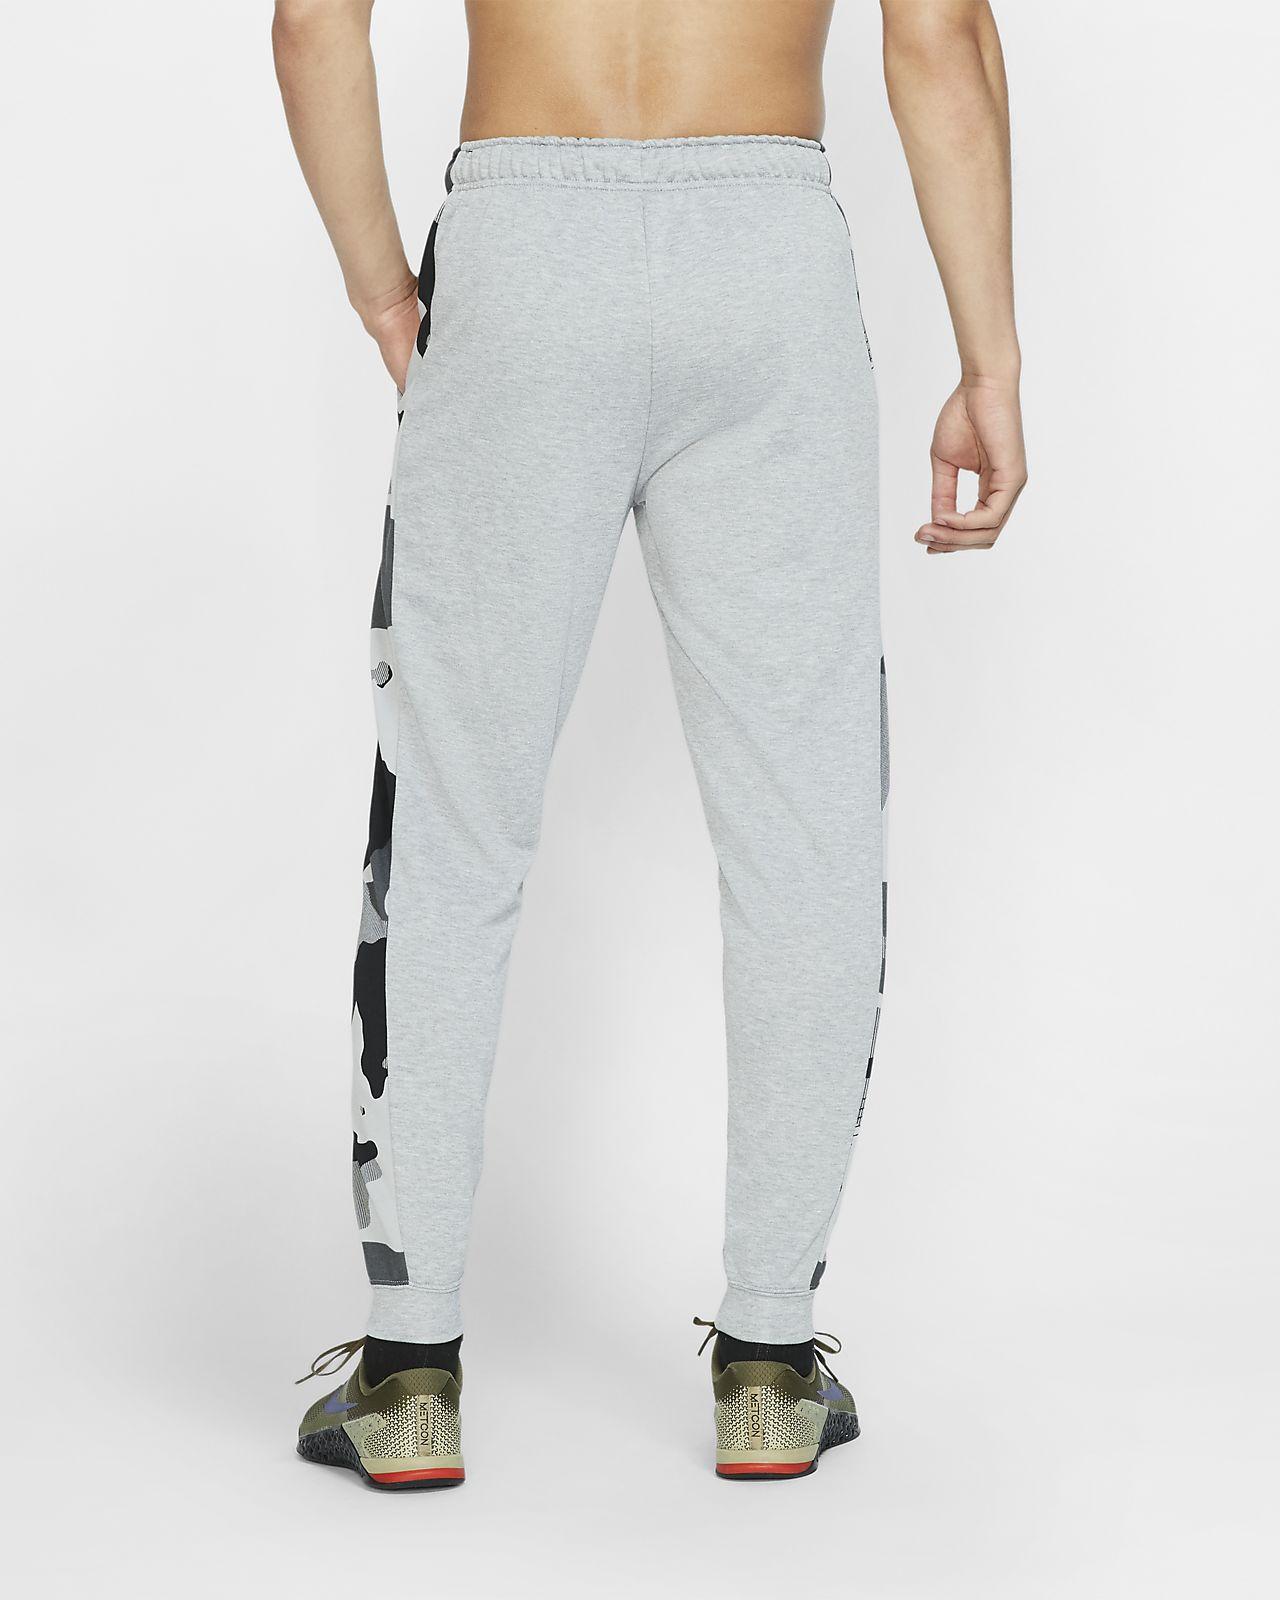 240e7cae43f5f ... Pantalon de training fuselé en tissu Fleece Nike Dri-FIT pour Homme